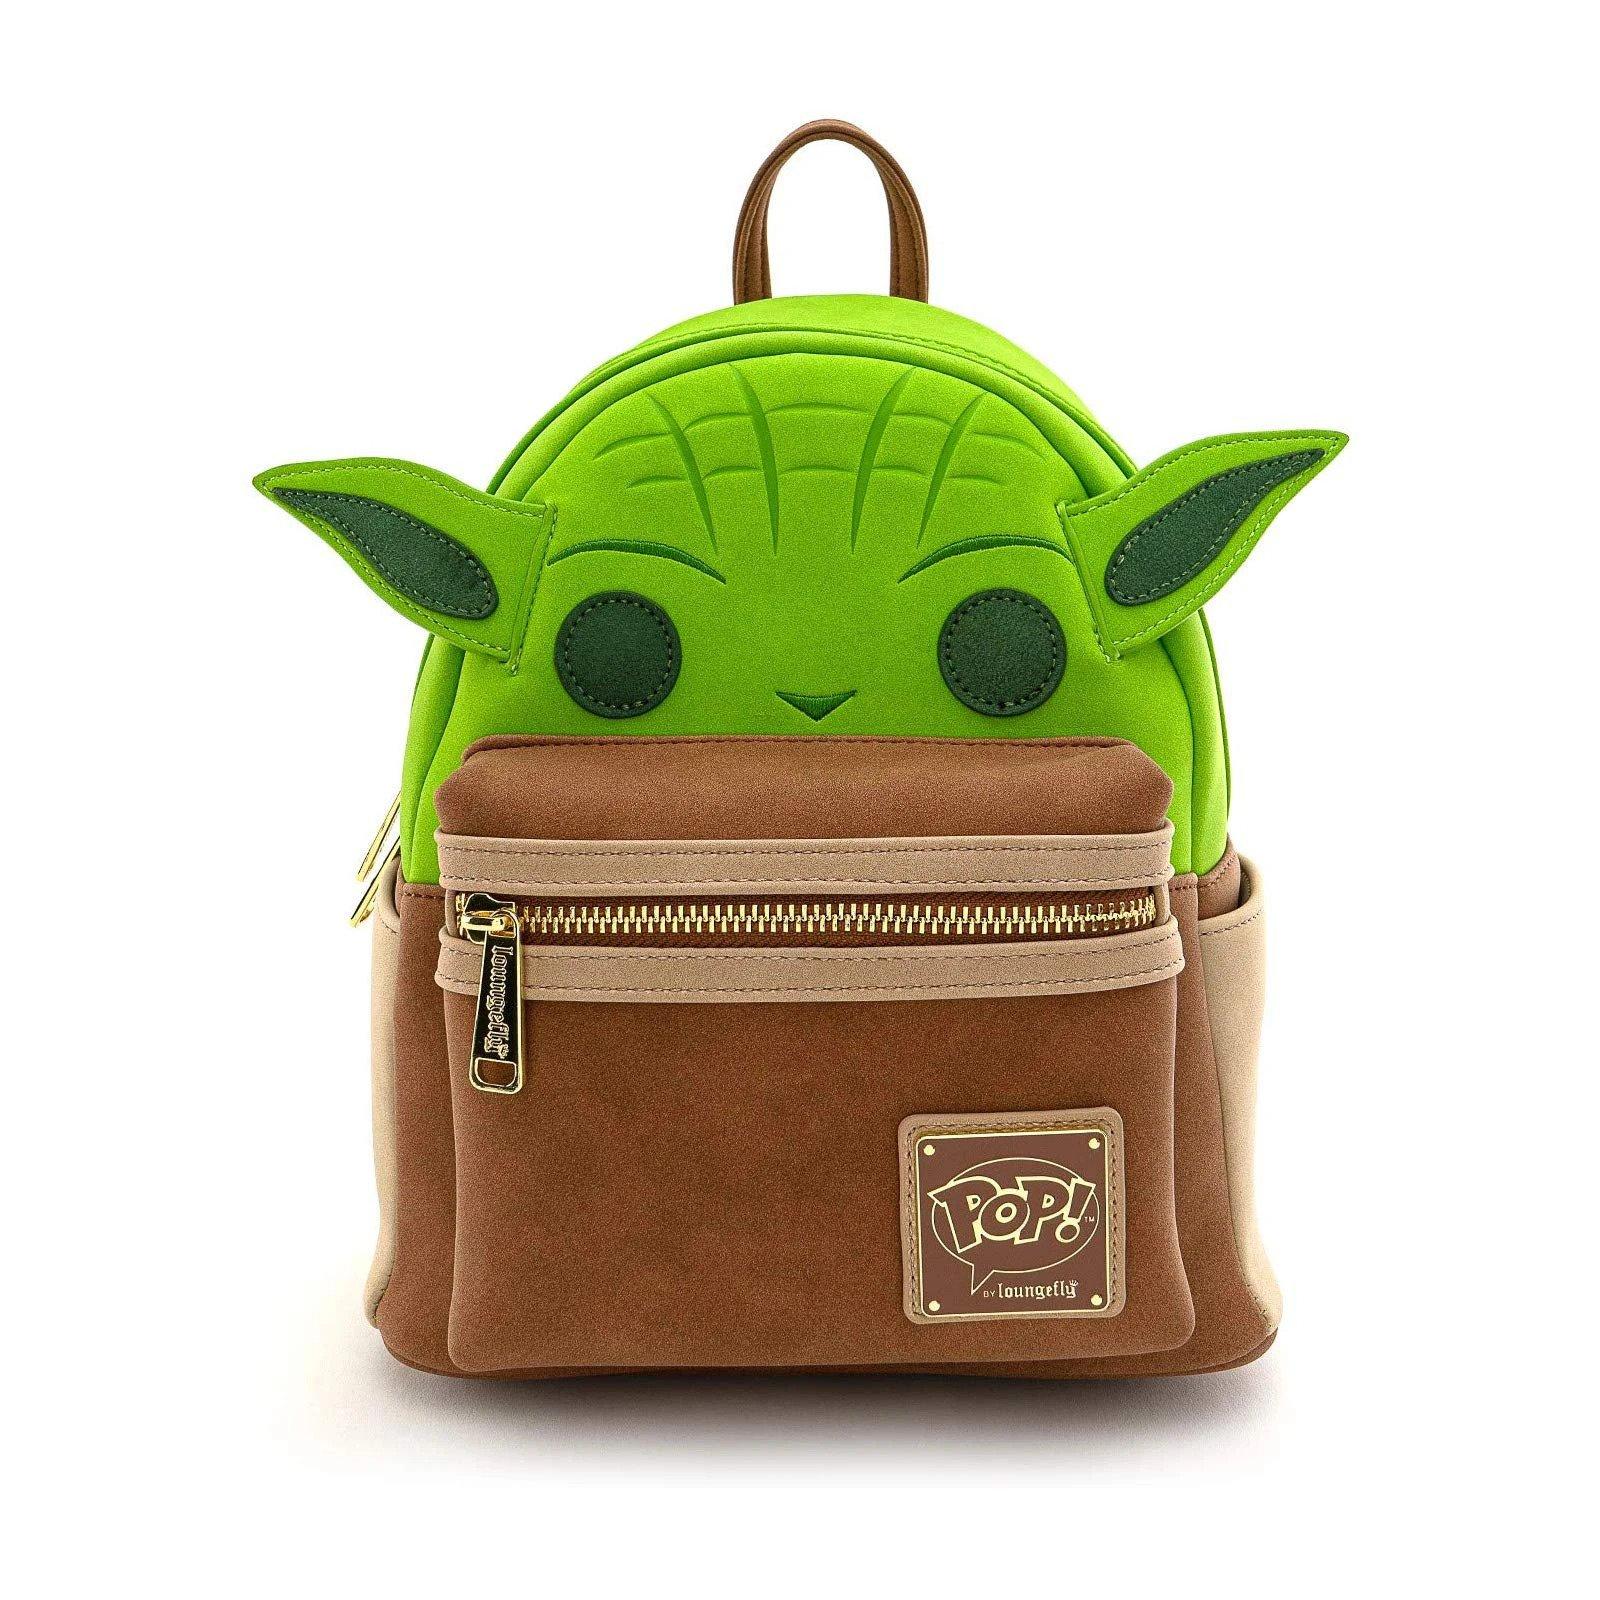 Star Wars - Loungefly - Sac Yoda